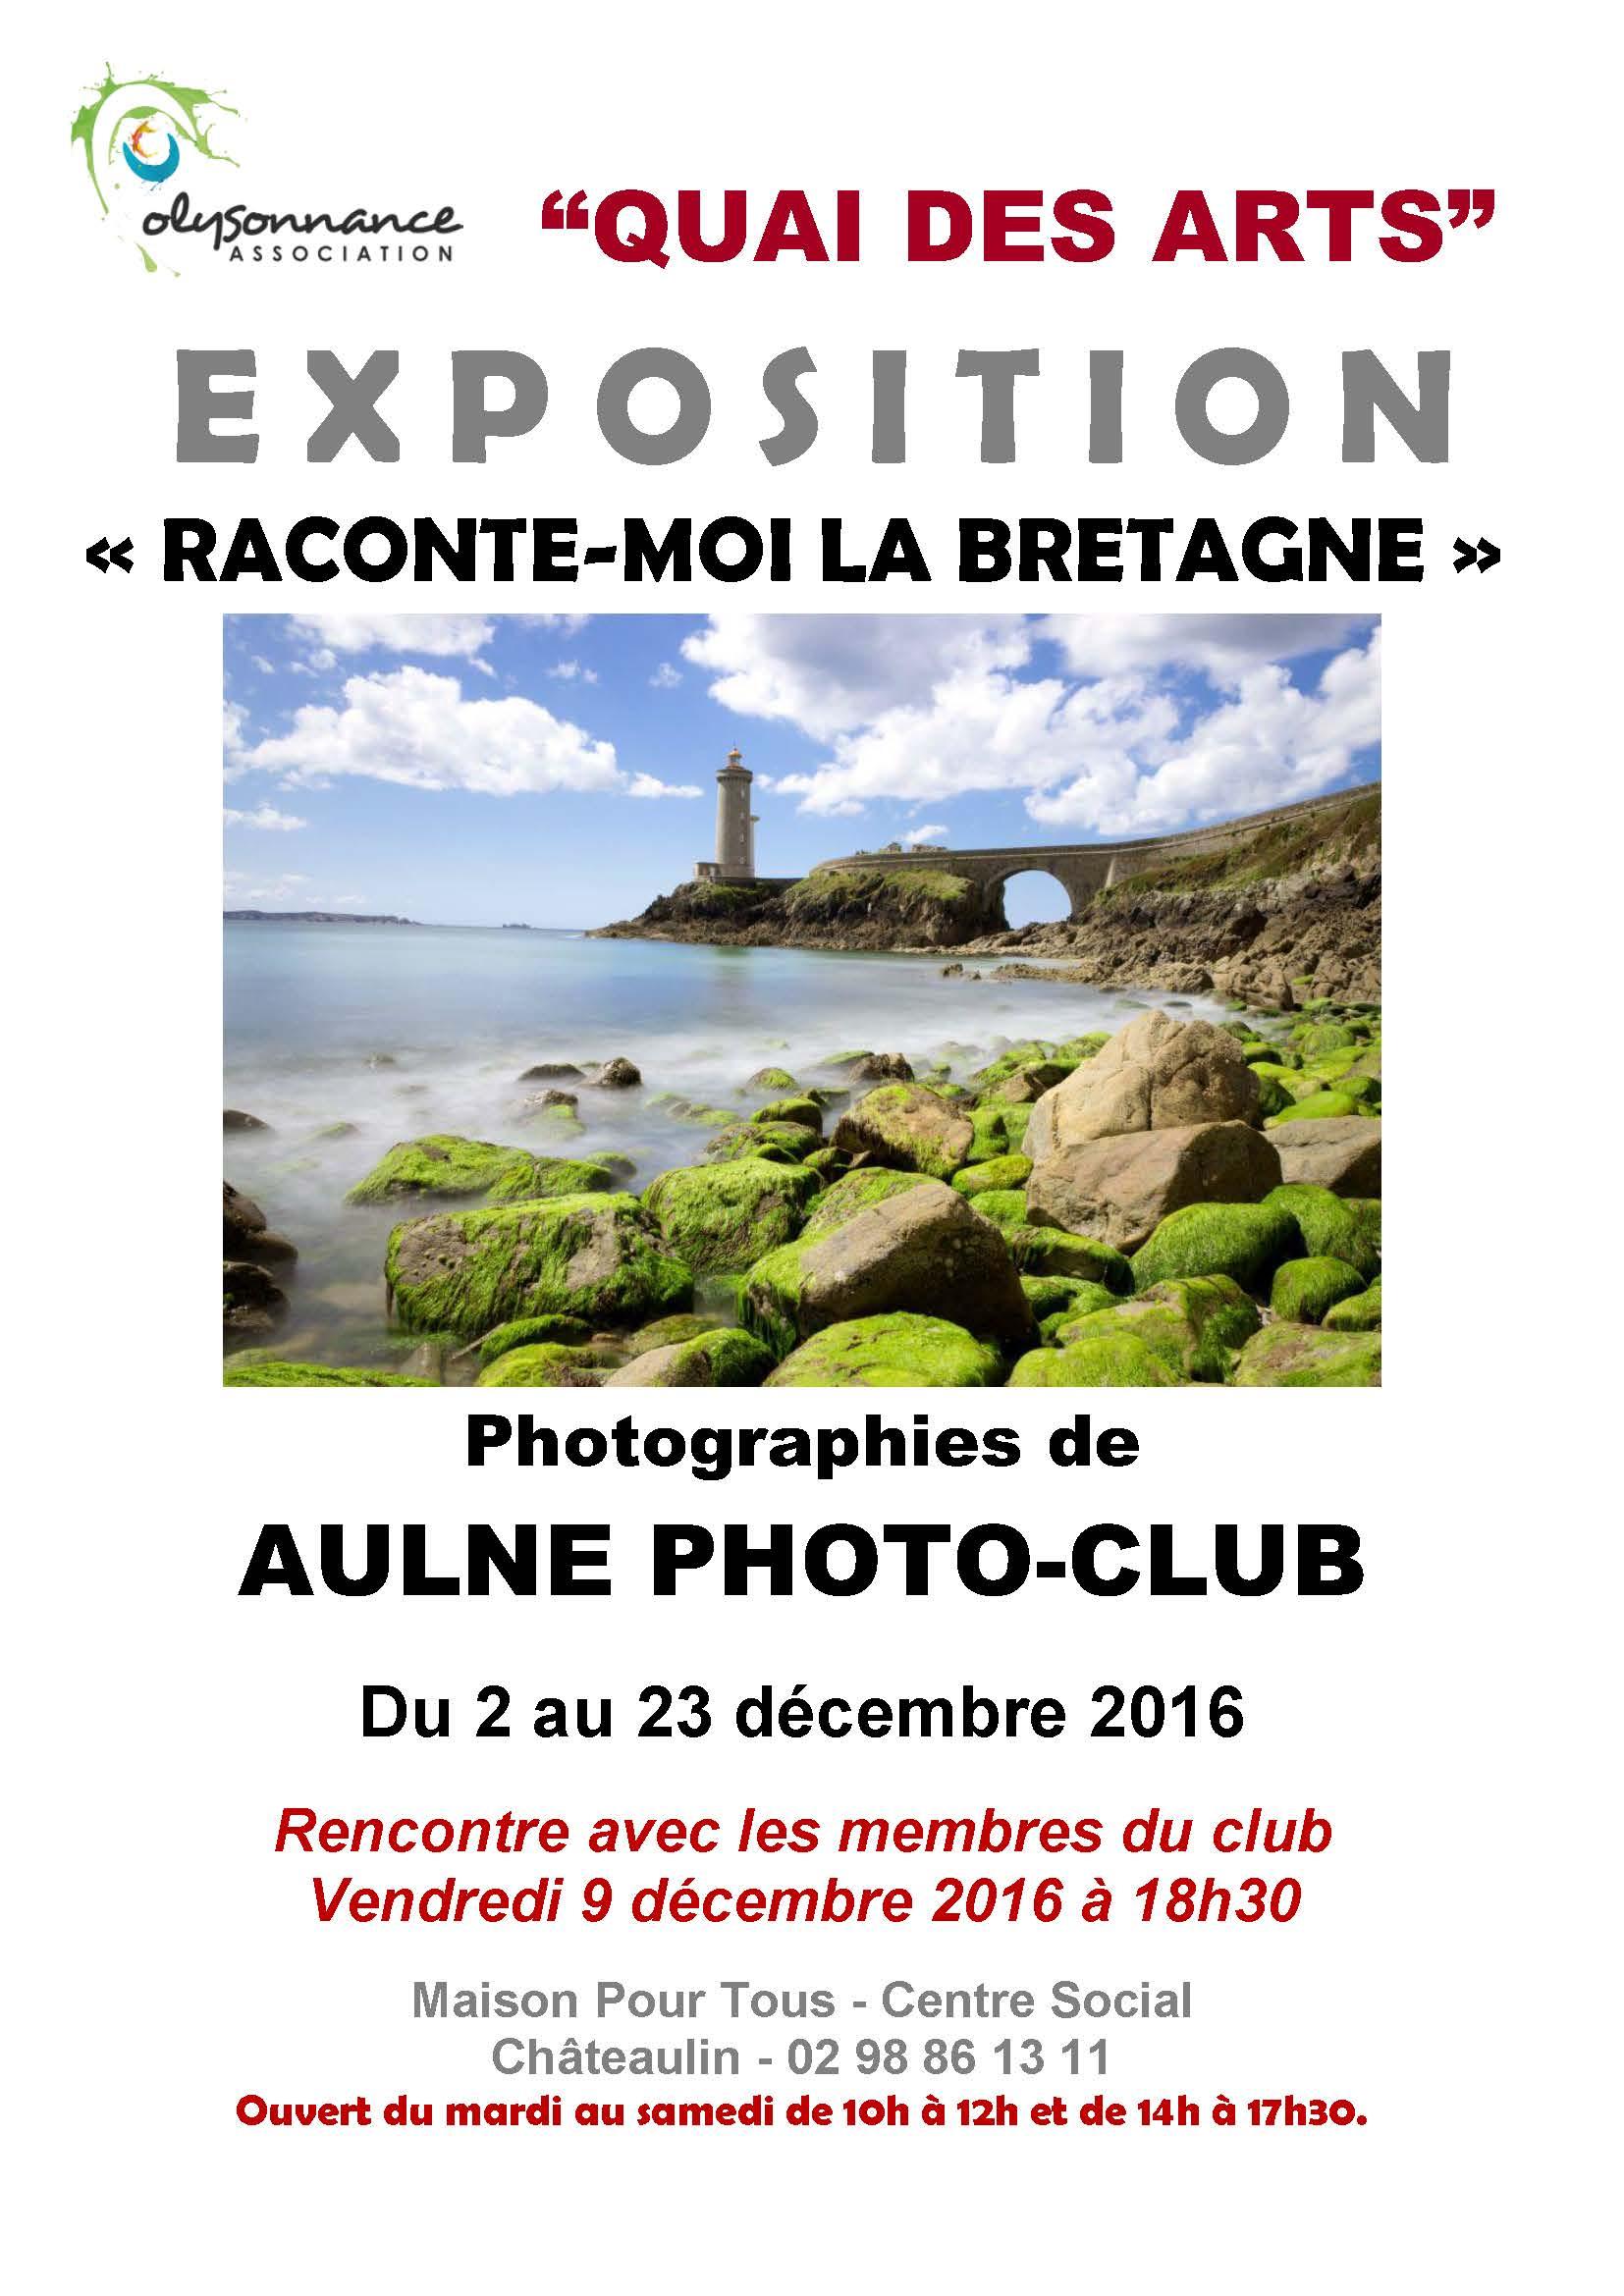 QUAI DES ARTS : RENCONTRE D'ARTISTES VENDREDI 9 DÉCEMBRE 18H30 A LA MPT